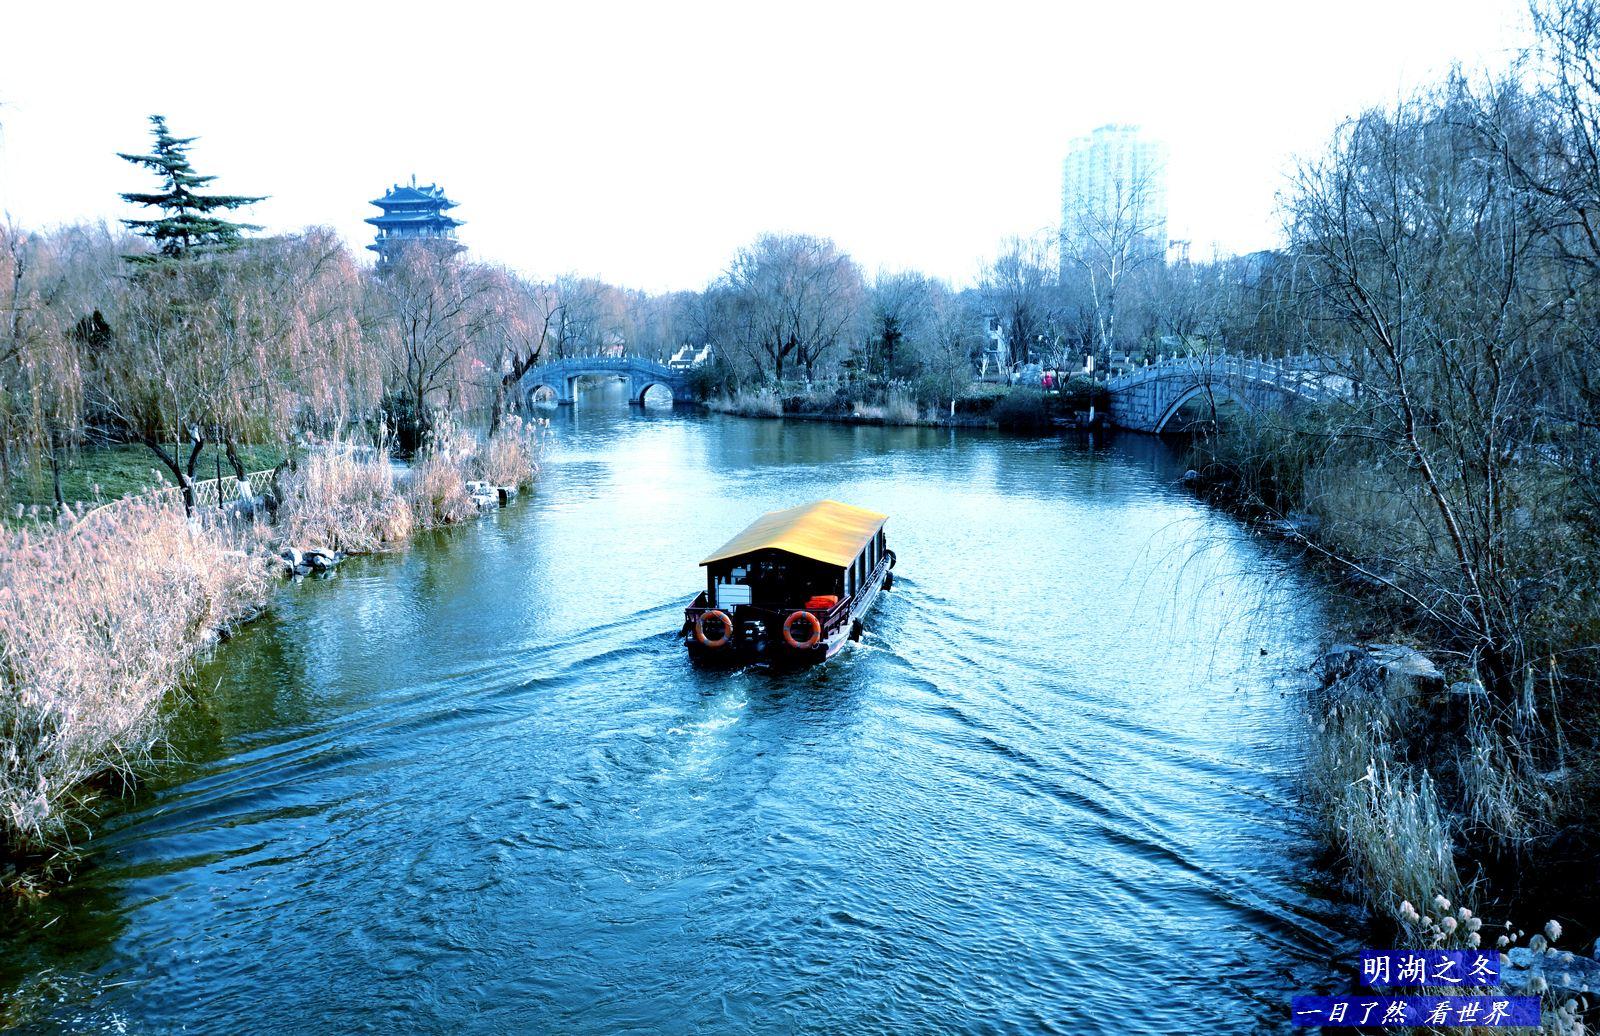 明湖之冬-16-1600.jpg